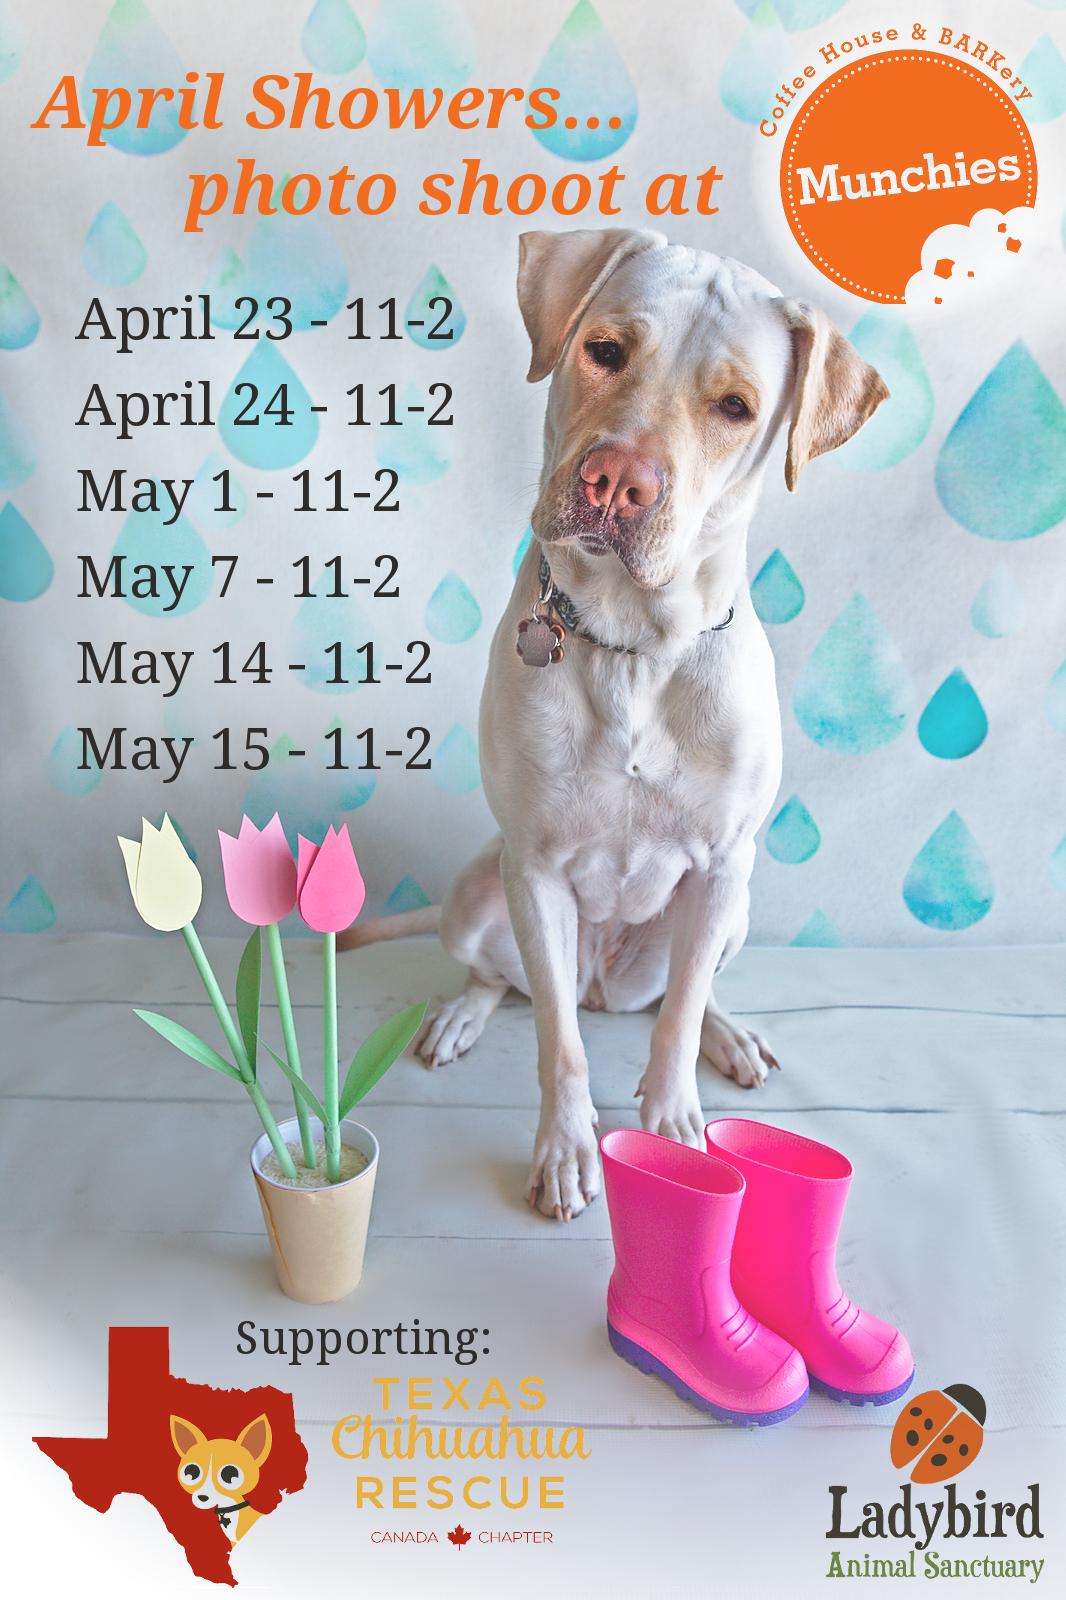 Ladybird Animal Sanctuary | Ladybird Animal Sanctuary - April & May